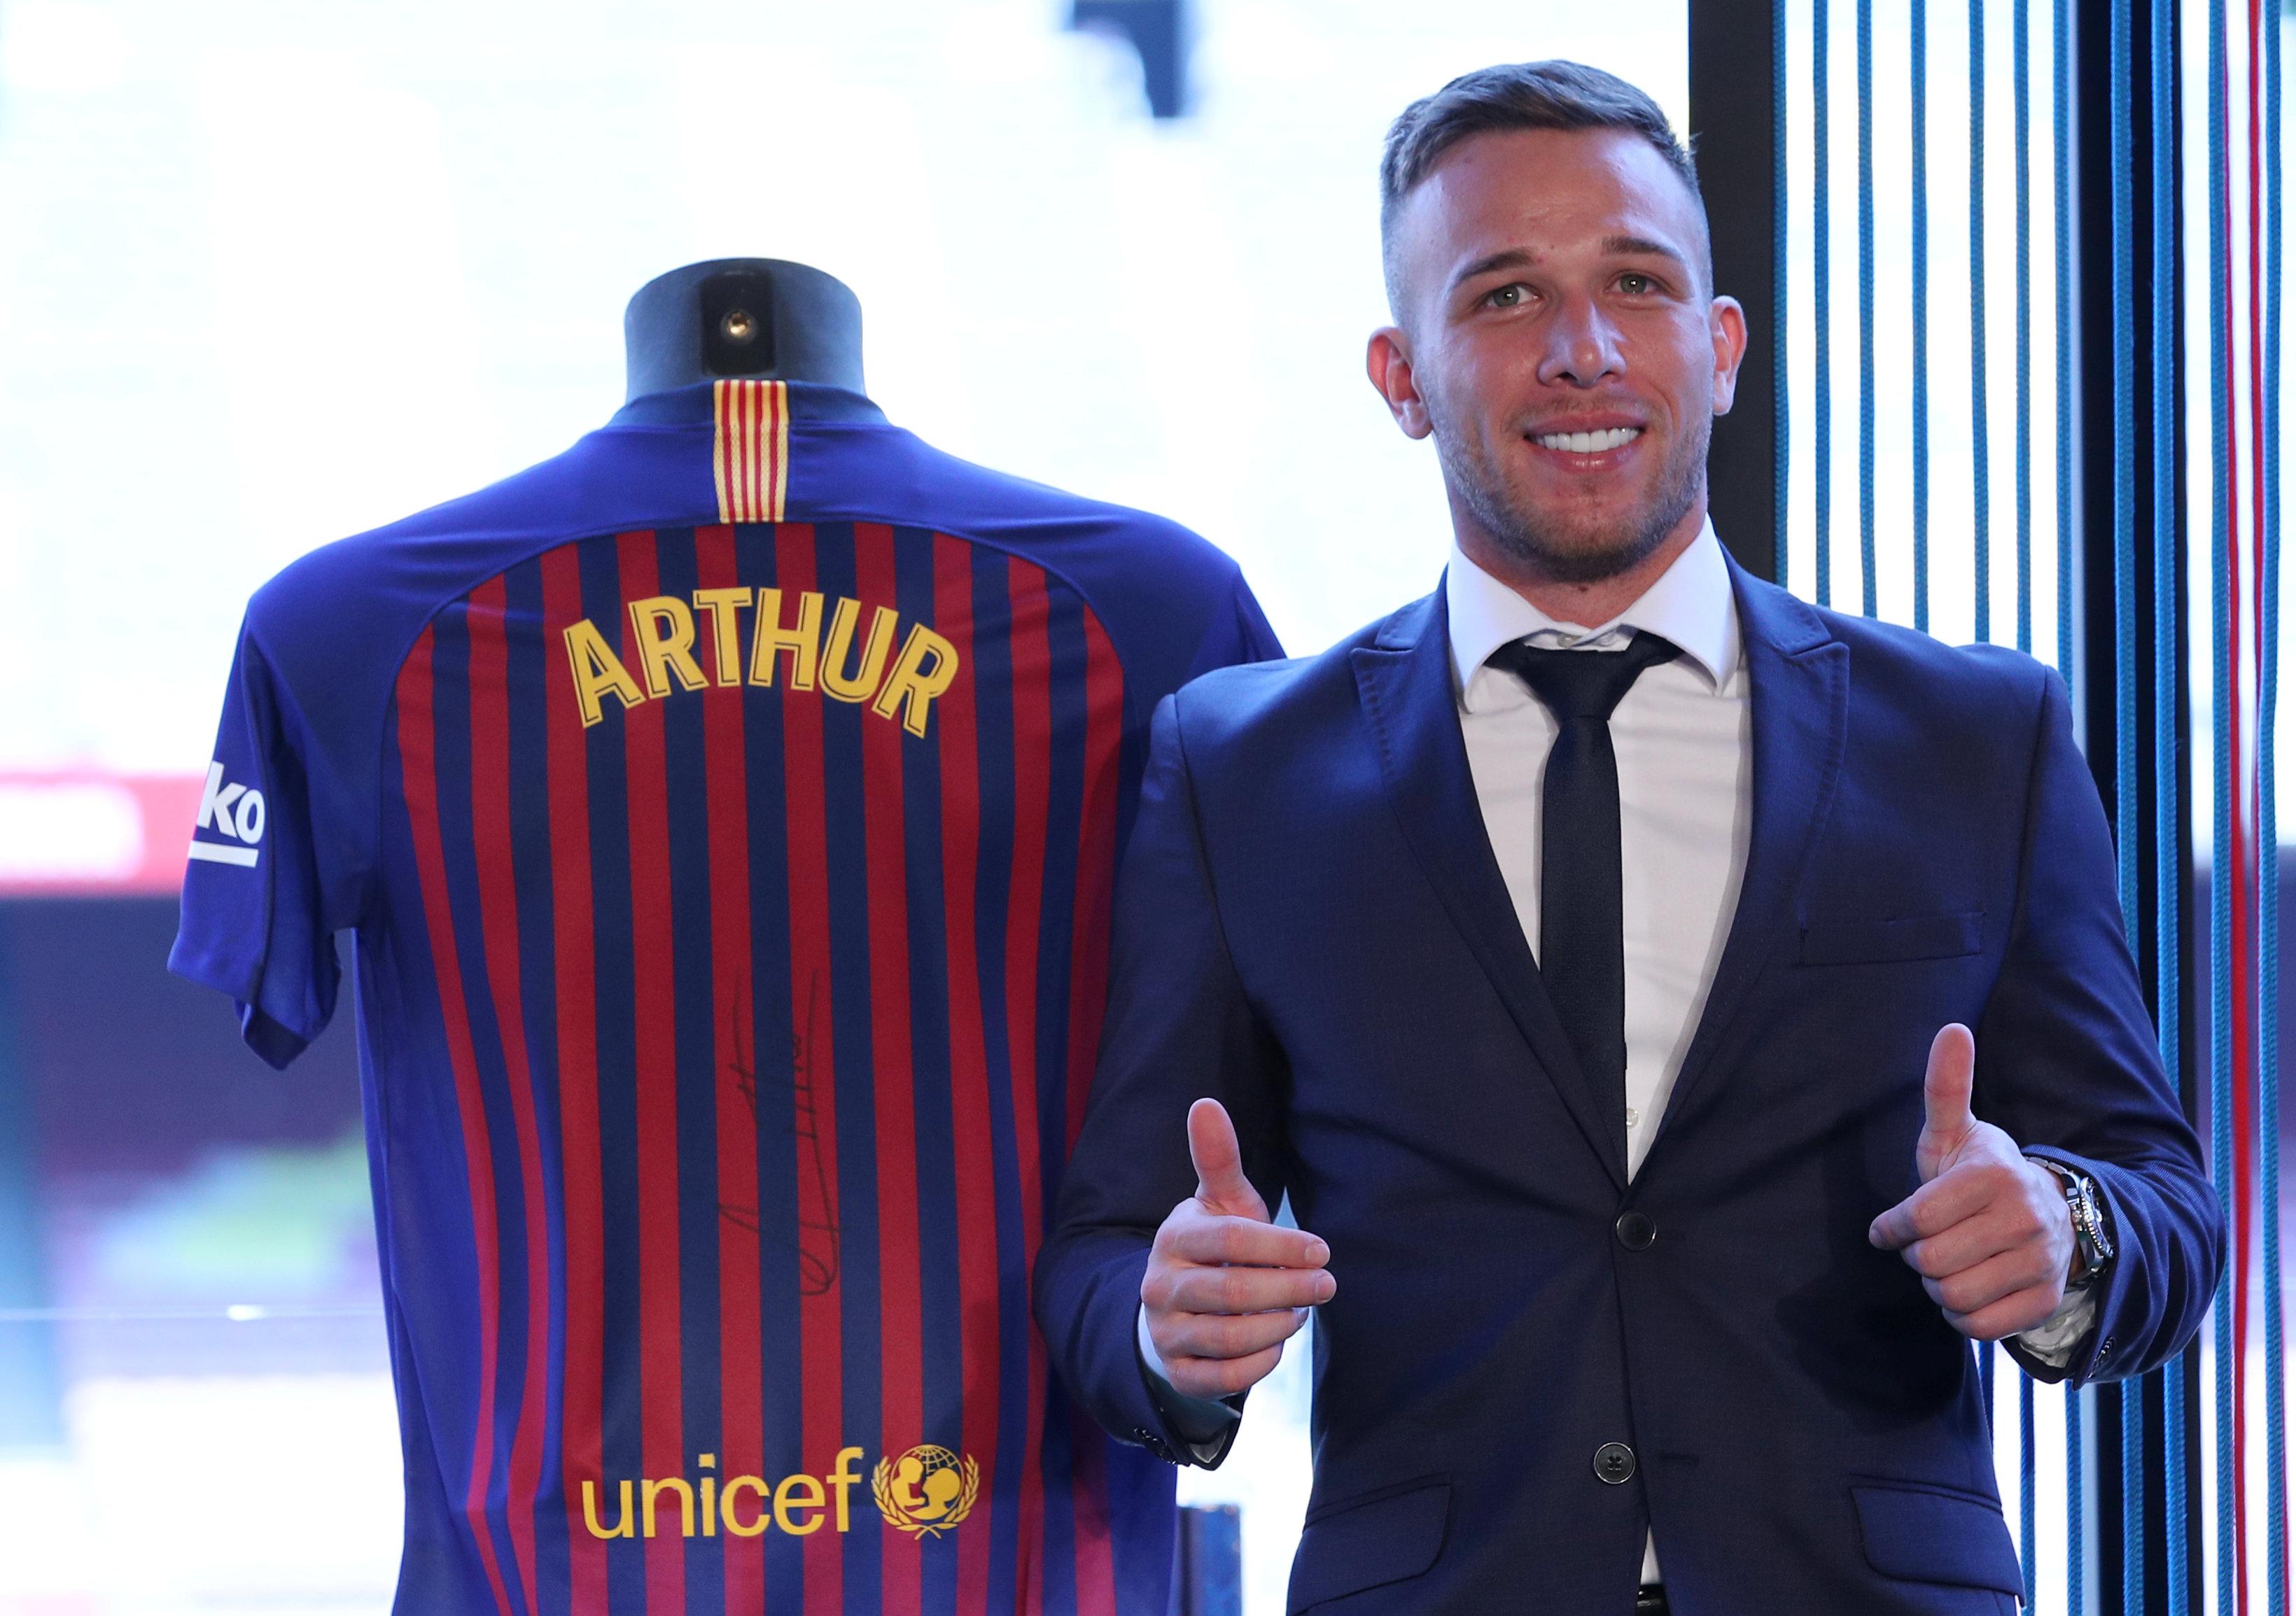 ارثر ميلو لاعب برشلونة الجديد (4)